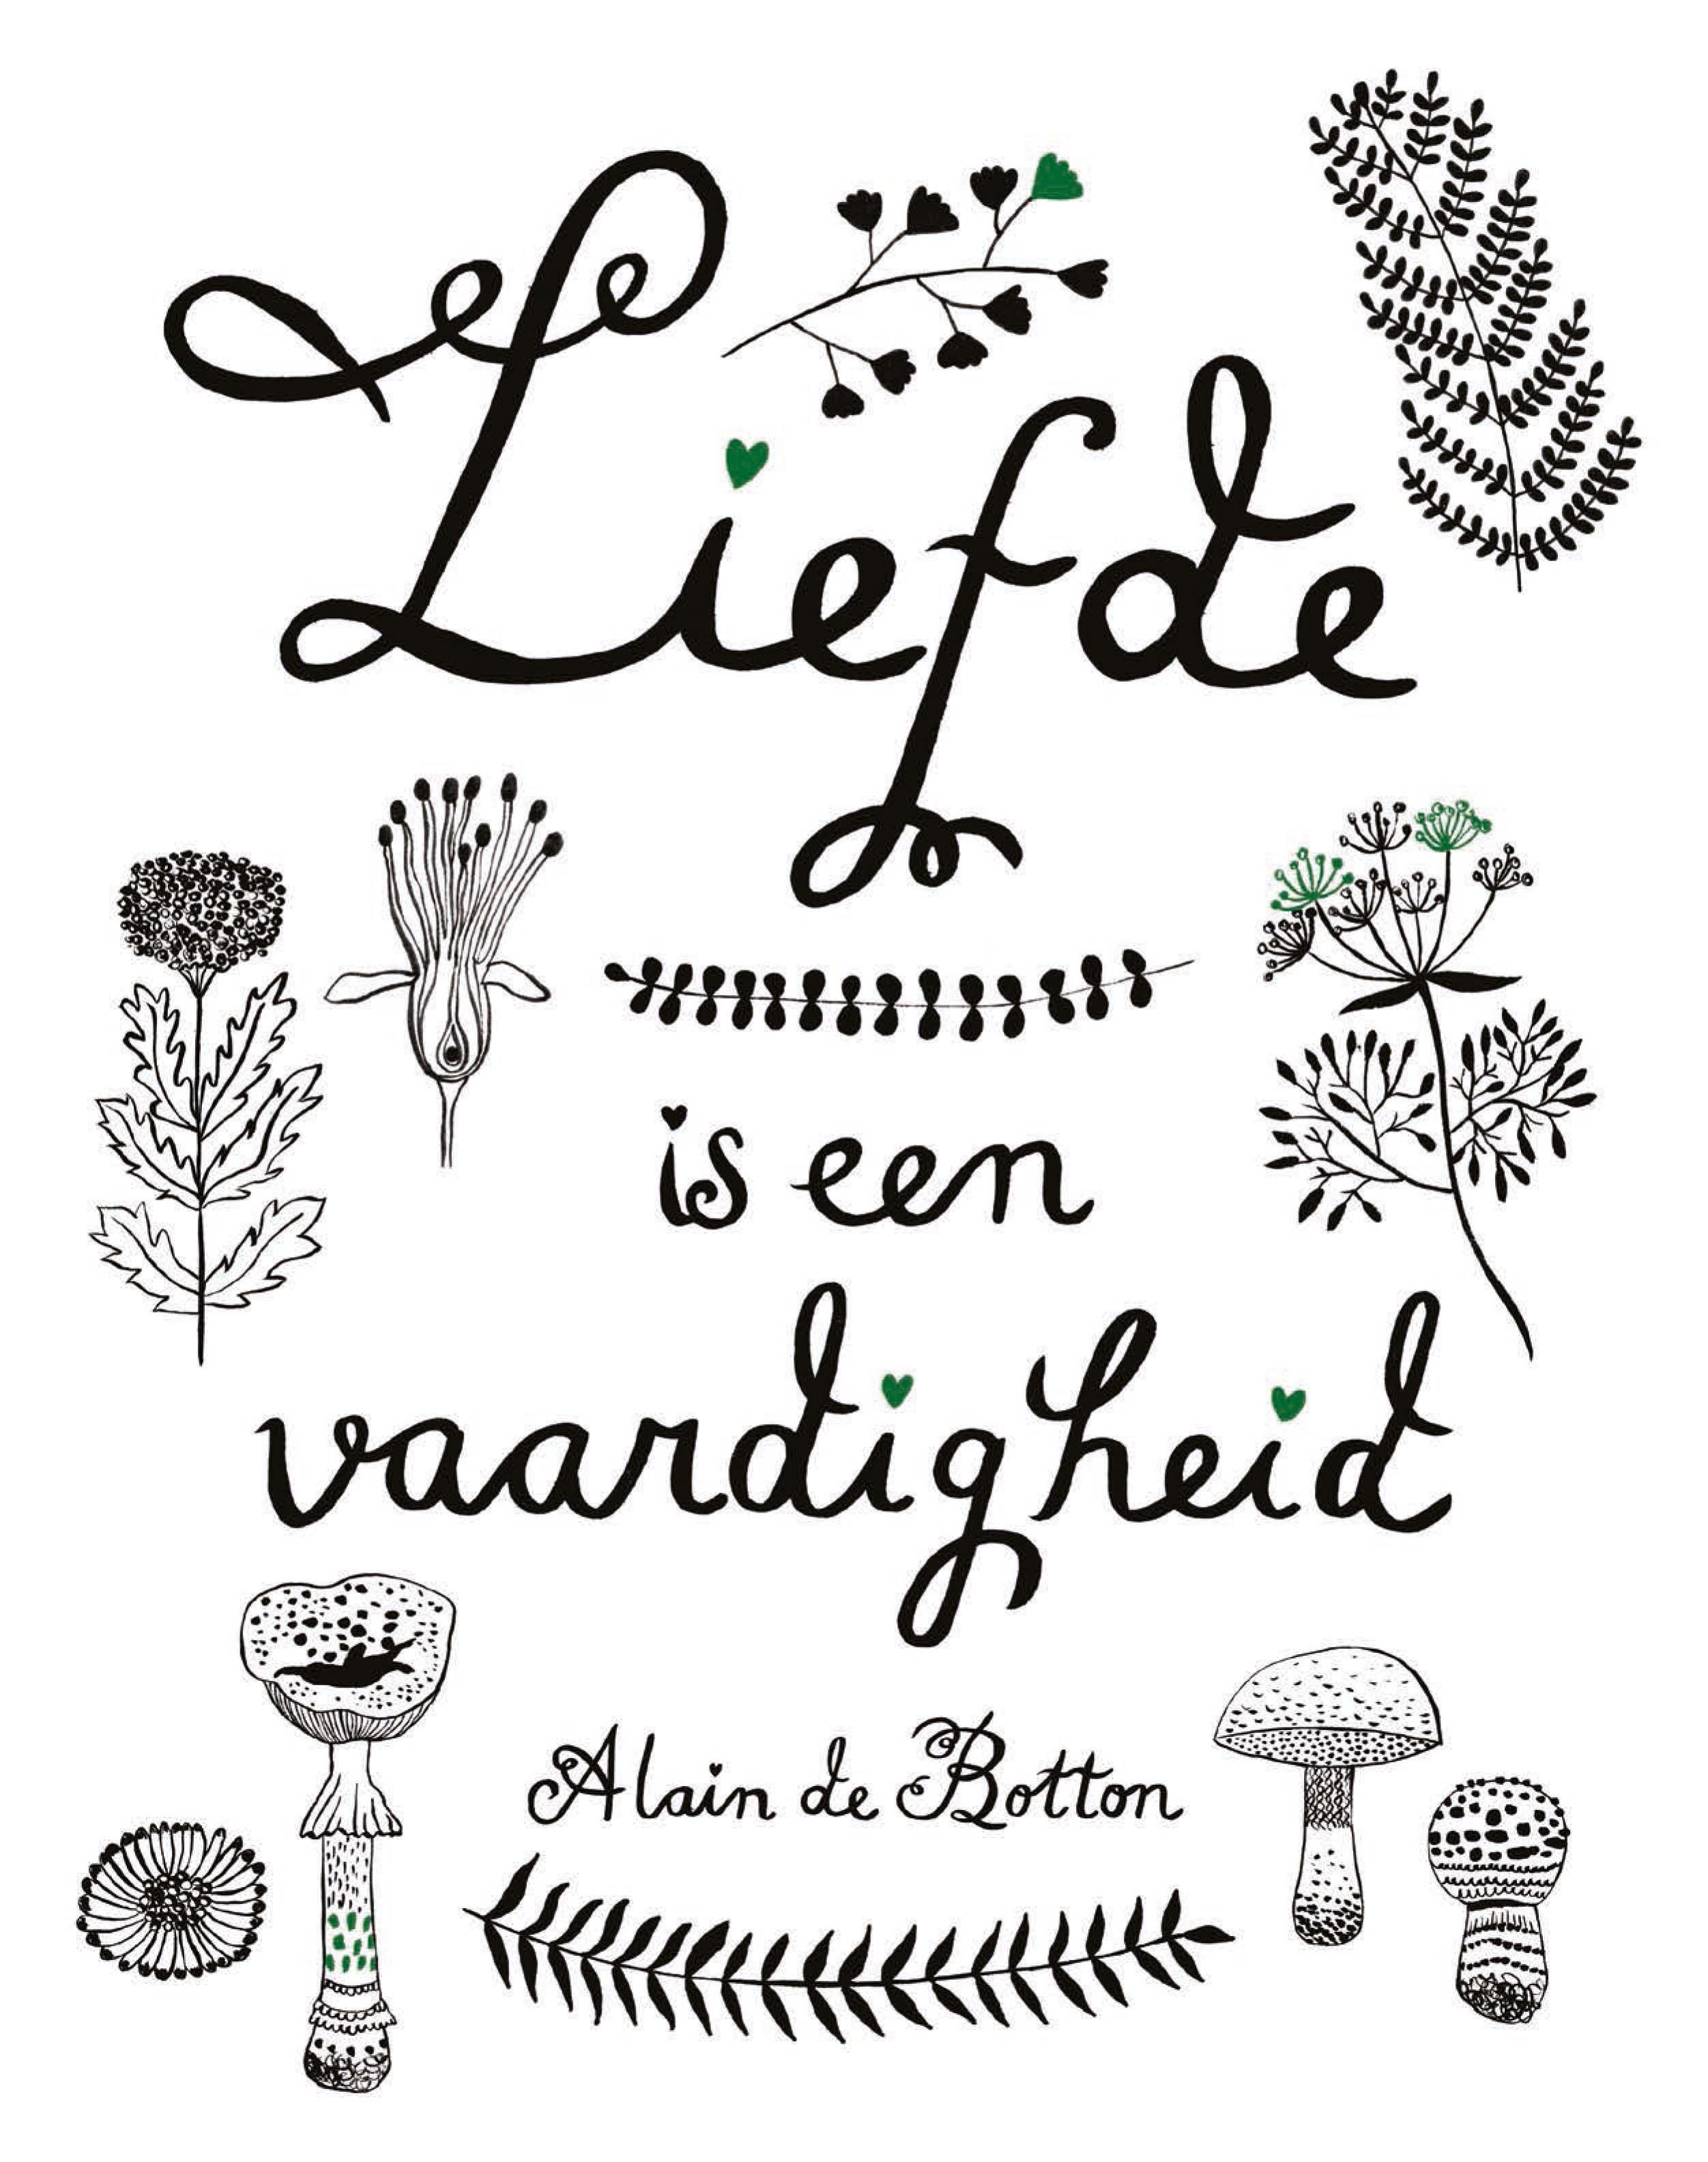 Print https://bin.snmmd.nl/m/tkg7zzx23v3y.jpg/liefde-is-een-vaardigheid.jpg